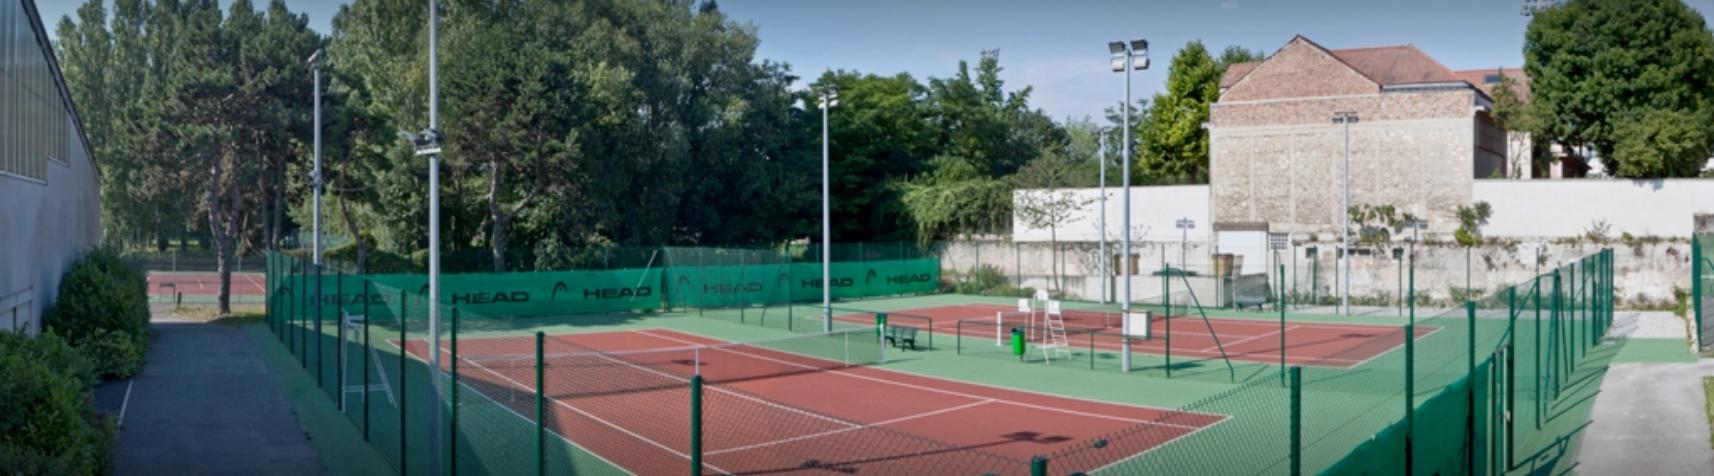 Masters Tennis Arthur Ashe - Classements mis à jour